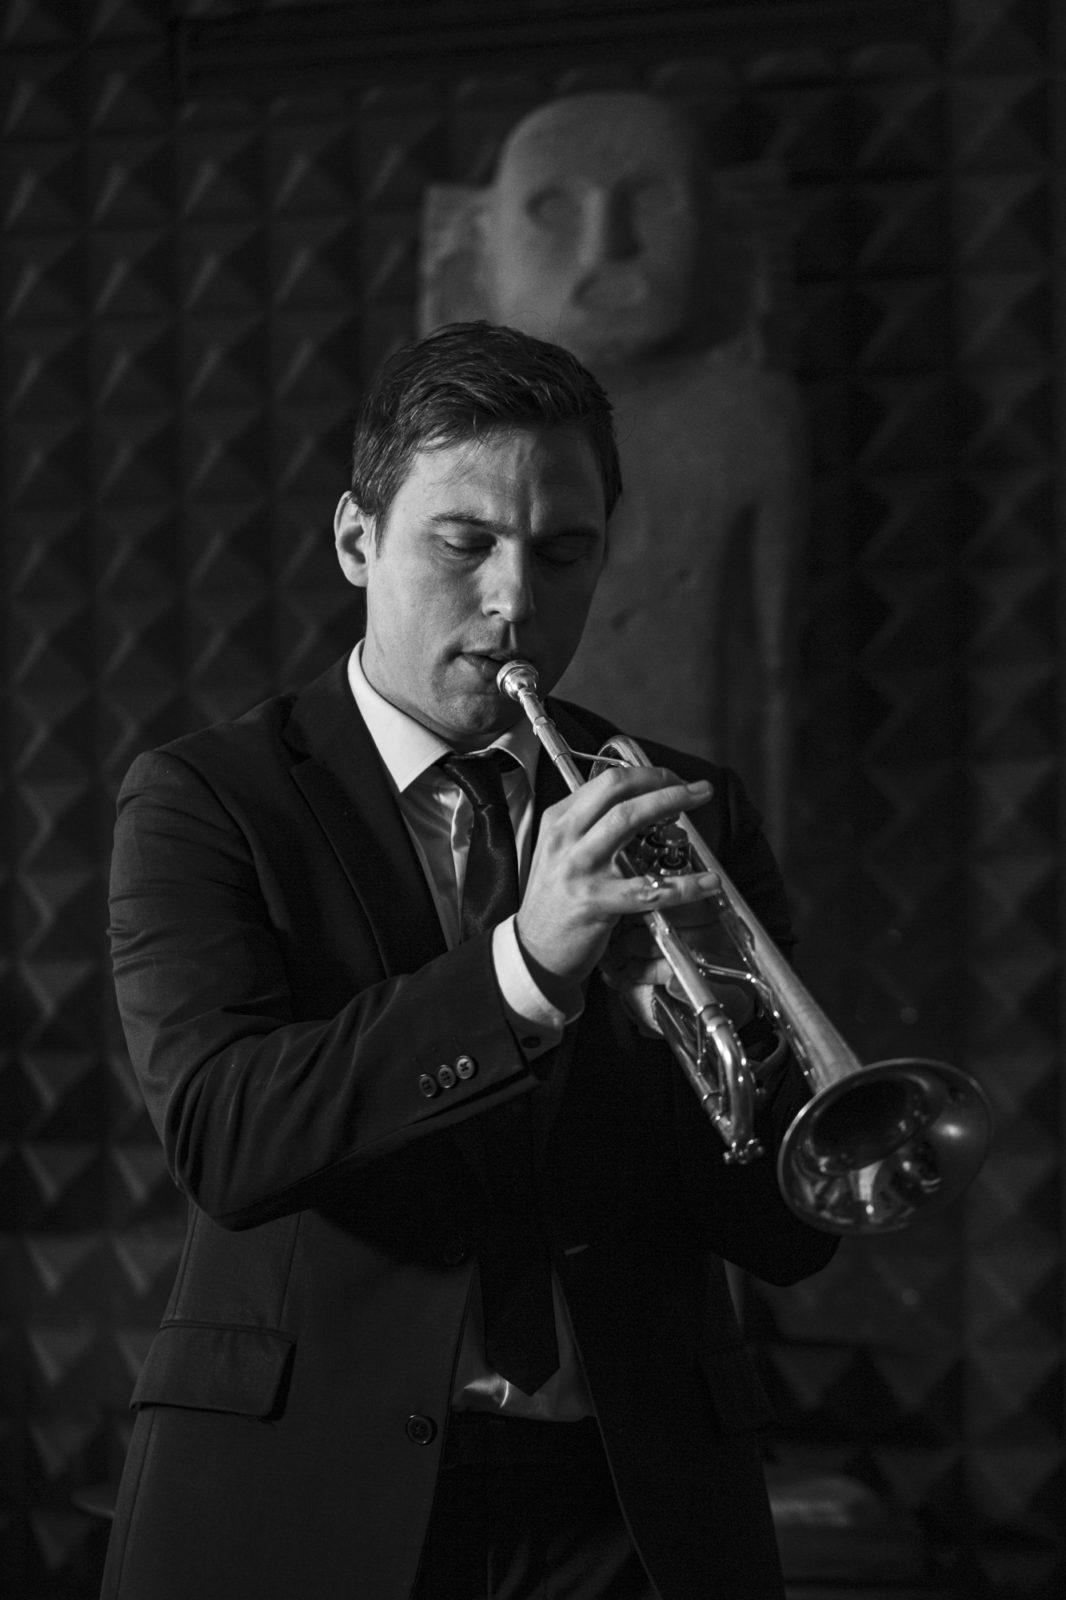 Oris Celebre le Jazz - Edition James Morrison au poignet de Bjorn Ingelstam